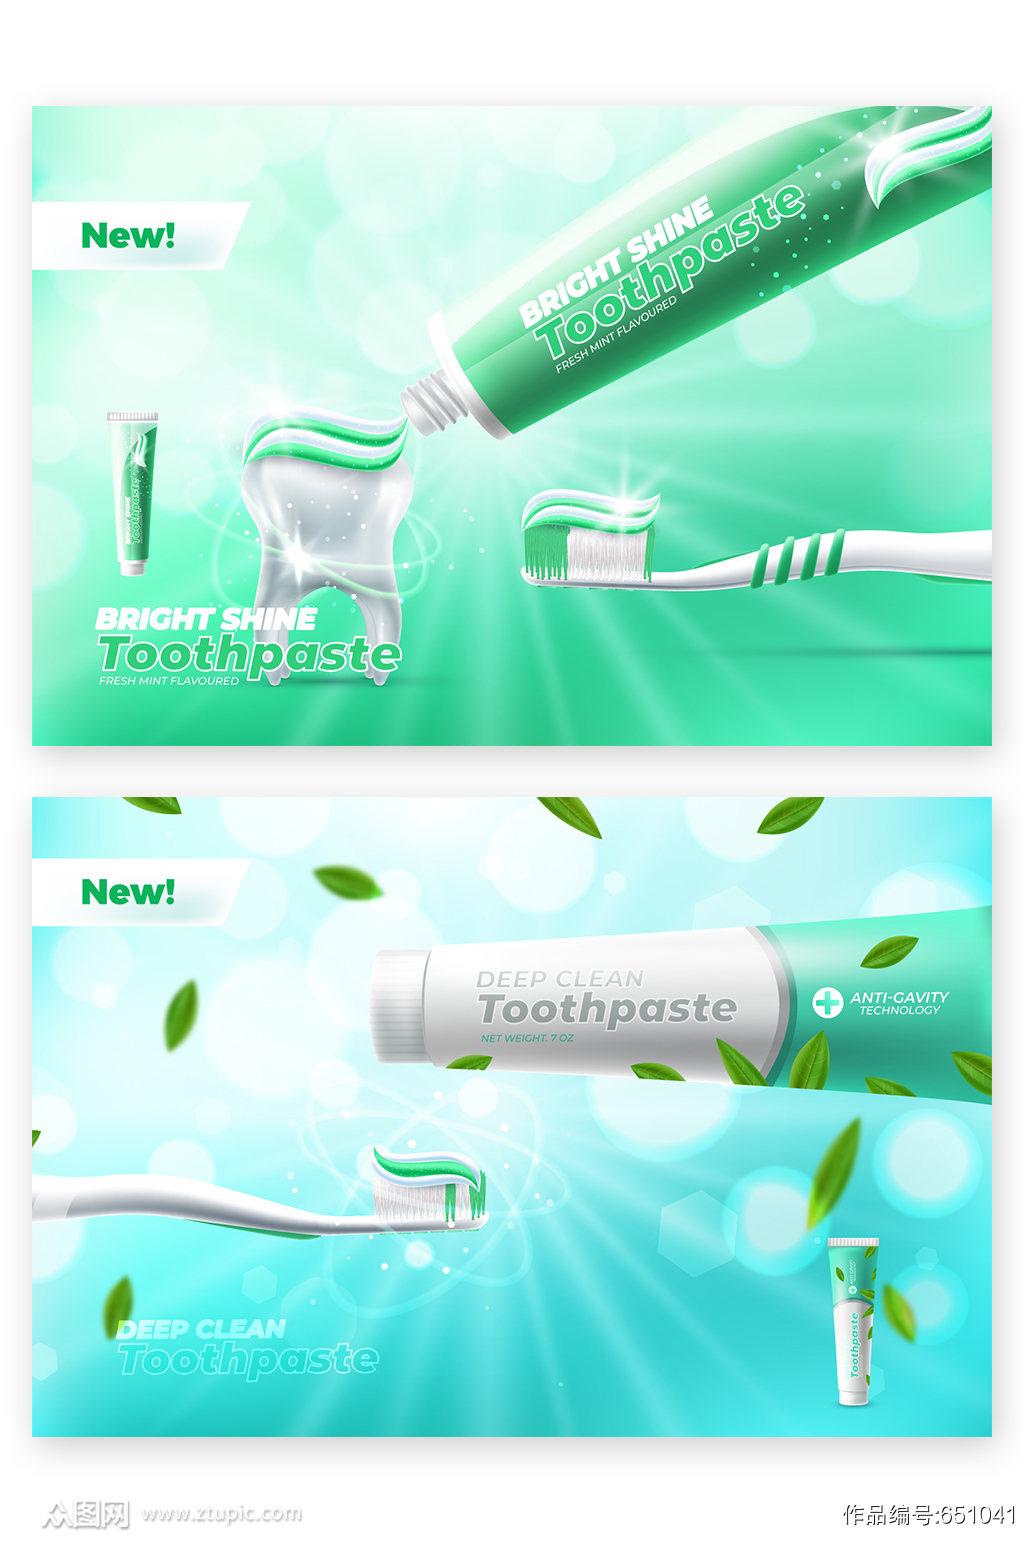 亮白牙齿牙膏海报banner素材